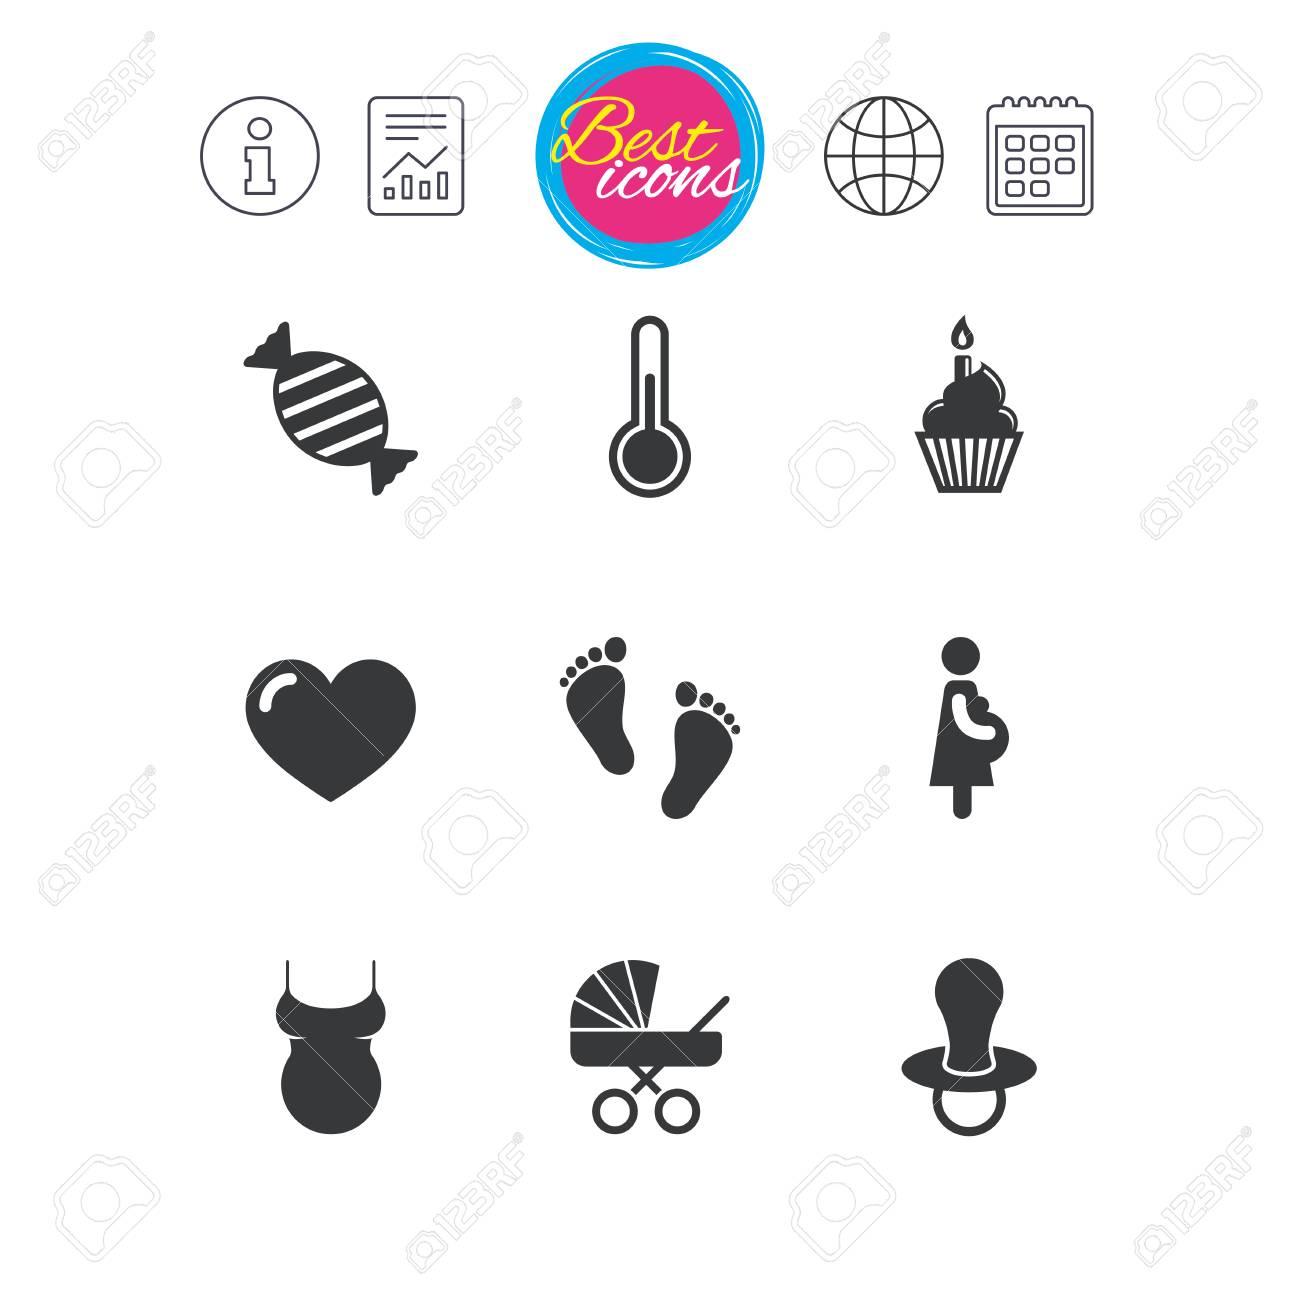 Calendario Maternita.Informazioni Segnalazioni E Segni Del Calendario Icone Di Gravidanza Maternita E Cura Del Bambino Caramelle Carrozzina E Segni Di Ciuccio